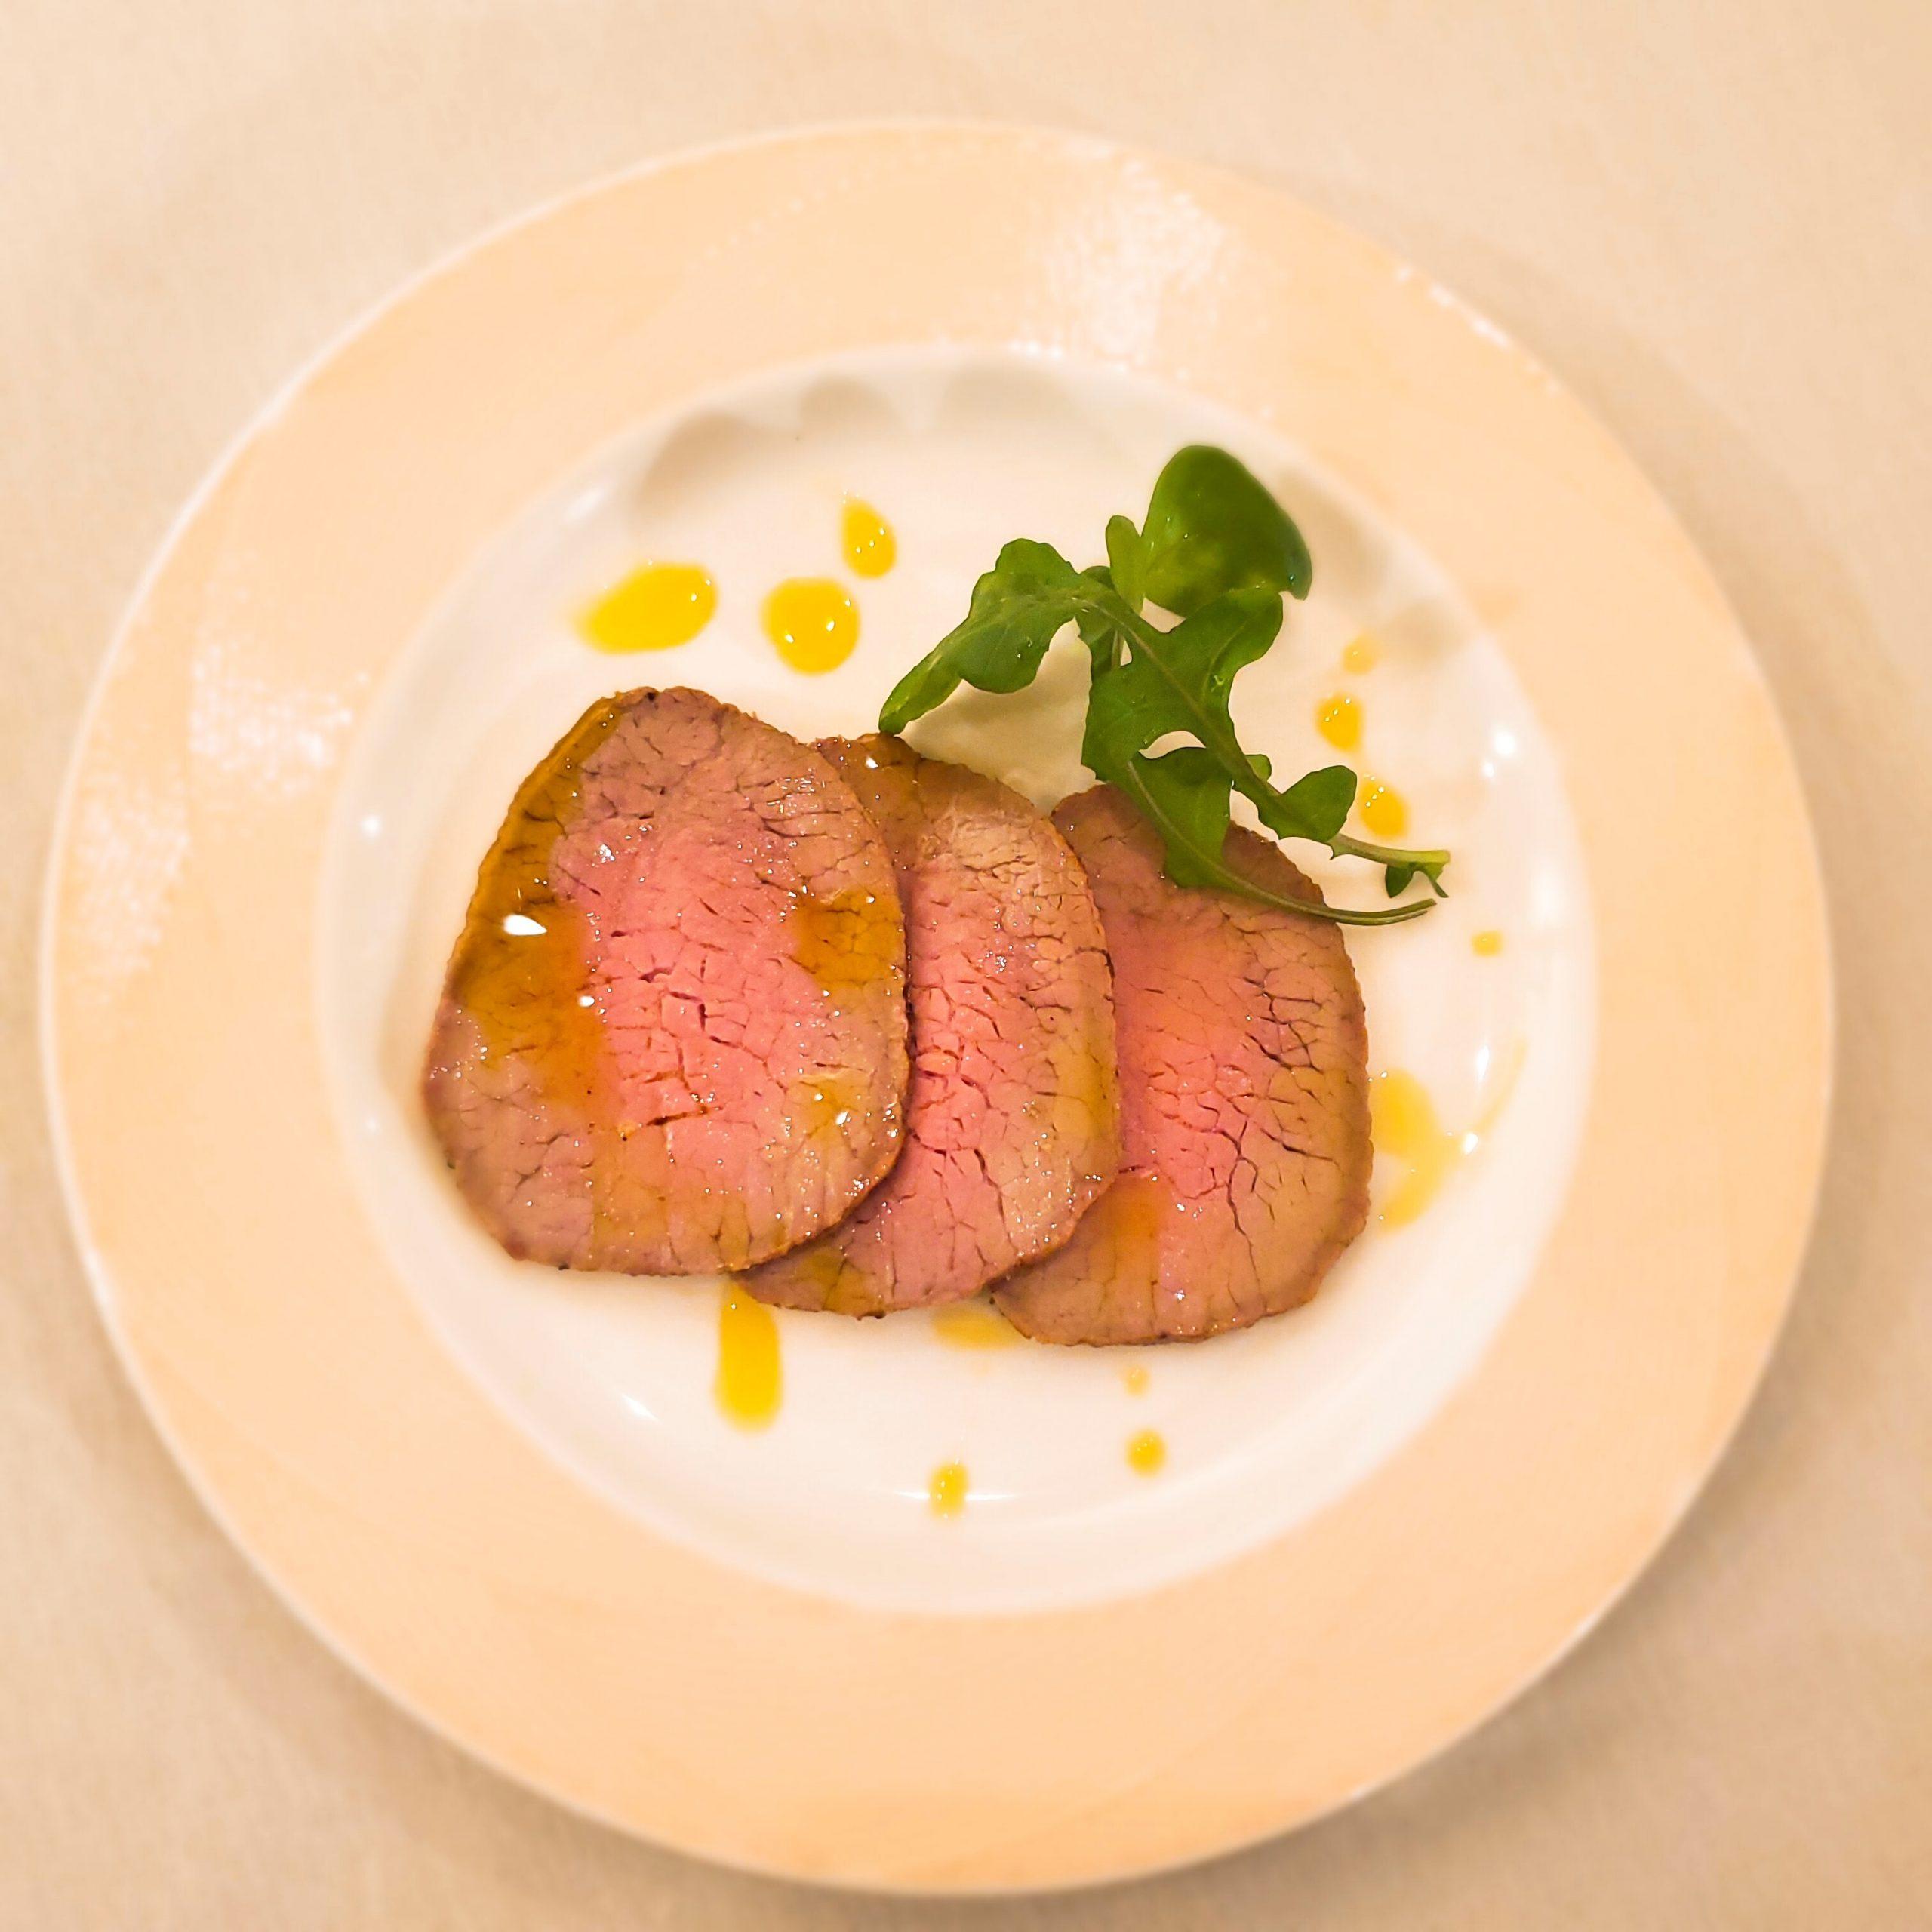 オリーブオイルで食べるローストビーフ